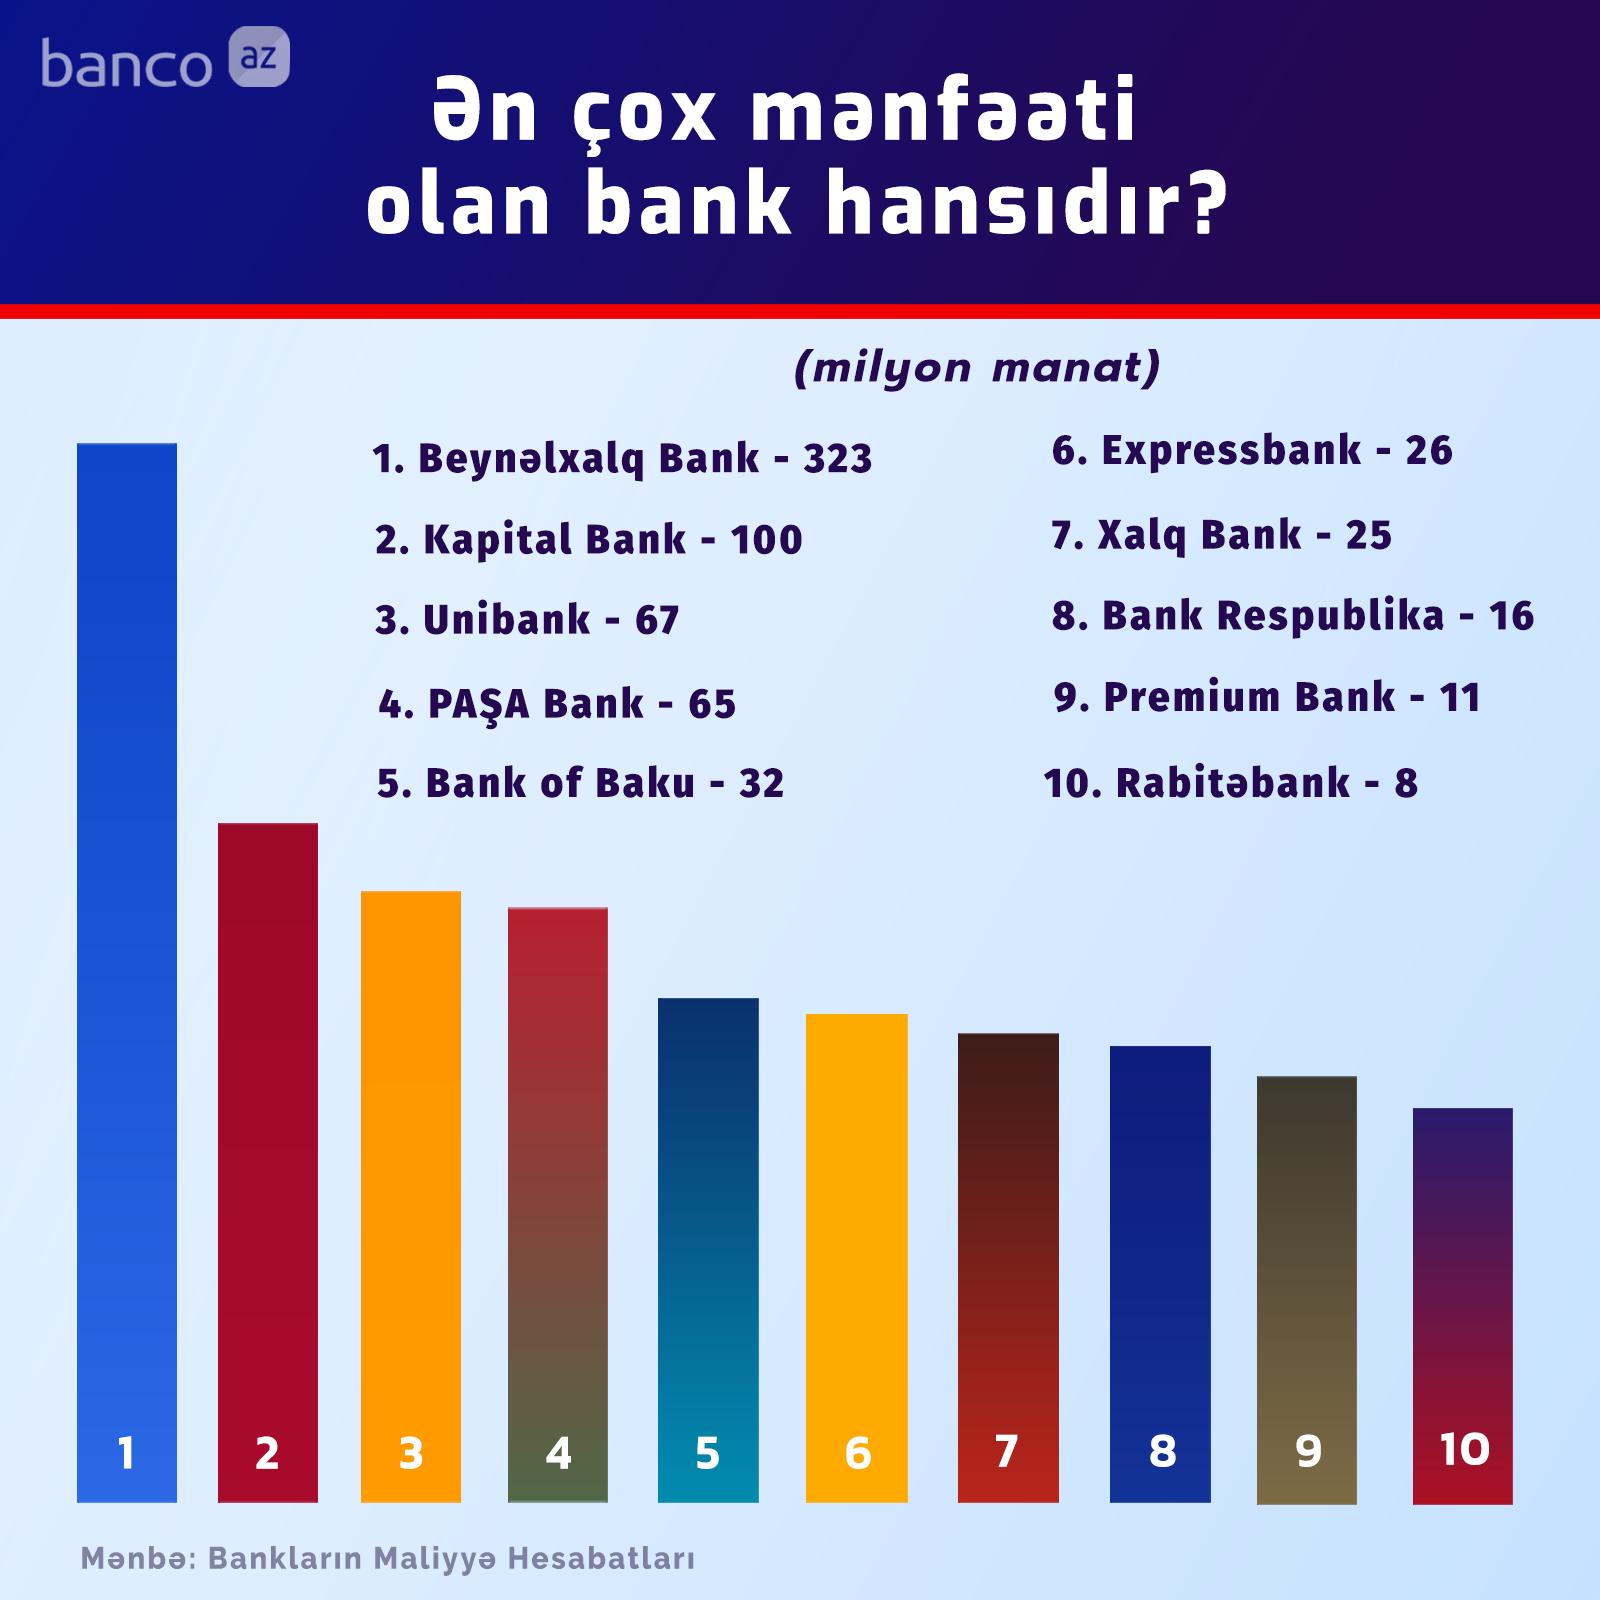 Mənfəətinə görə bankların reytinqi